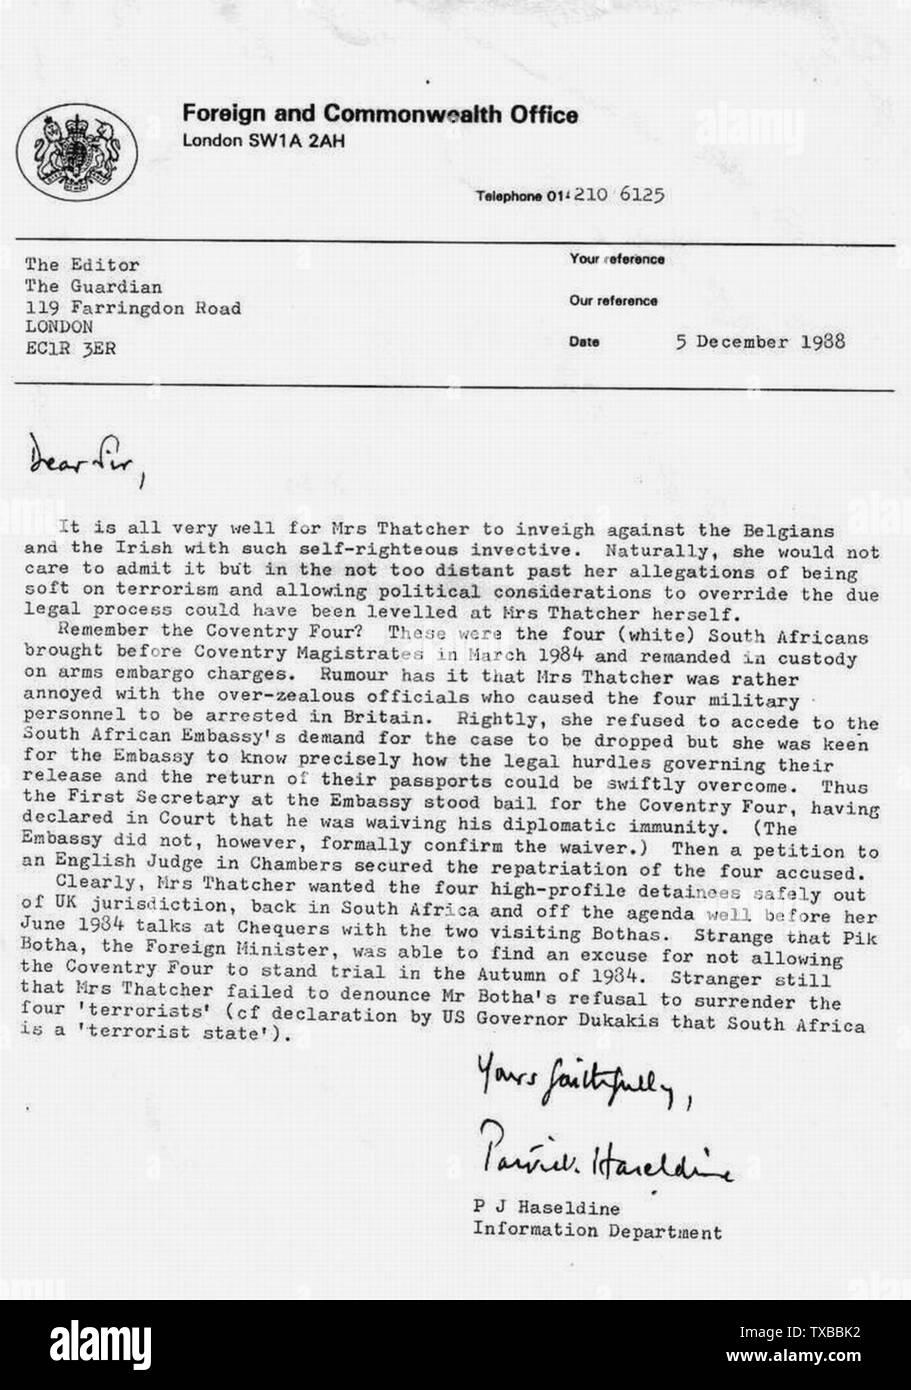 """Am 5. Dezember 1988 habe ich einen Brief mit FCO-Kopf eingegeben und an die Zeitung Guardian geschickt. Am 6. Dezember 1988 rief mich der Journalist Richard Norton-Taylor beim FCO an, um zu bestätigen, dass ich den Brief veröffentlichen wollte. Am 7. Dezember 1988 schrieb Herr Norton-Taylor einen Artikel auf der Titelseite mit dem Titel FO offizielle Rufe Thatcher Stance 'Selbst-rechtschaffene und Der Guardian veröffentlichte den Brief unter der Überschrift The Double Standards on Terrorism auf Seite 22 (siehe Bild:PatrickHaseldine3). Ein Jahr später wurde mein zweiter Brief mit dem Titel """"Finger of Misstrauen"""" im Guardian am veröffentlicht Stockfoto"""